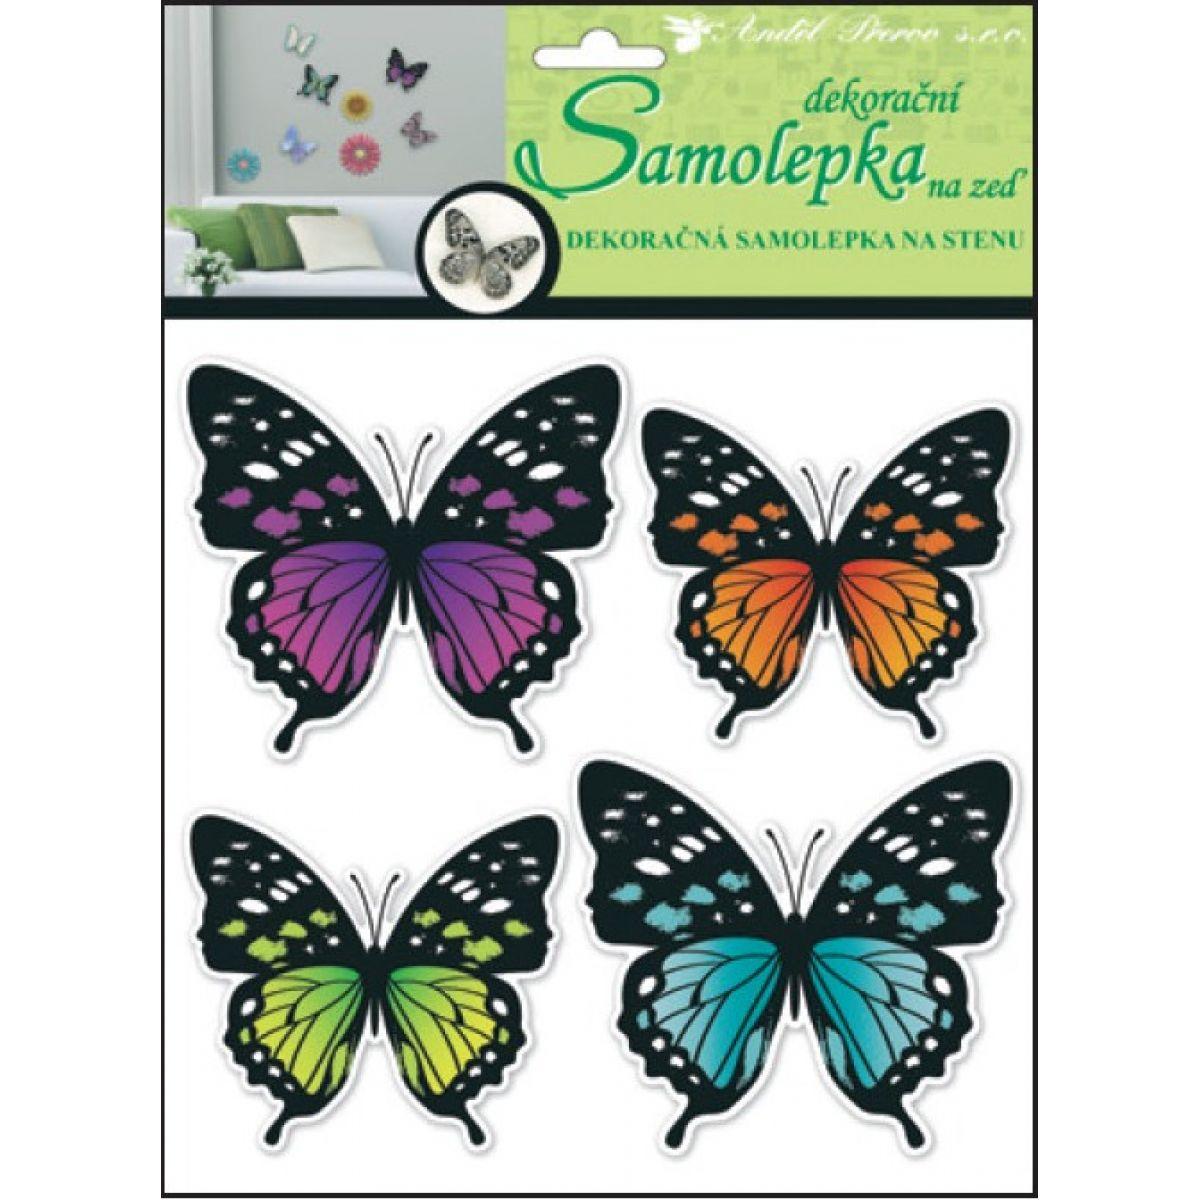 Anděl 10151 samolepící dekorace 3D neonoví motýli 30x22x1cm, 4ks